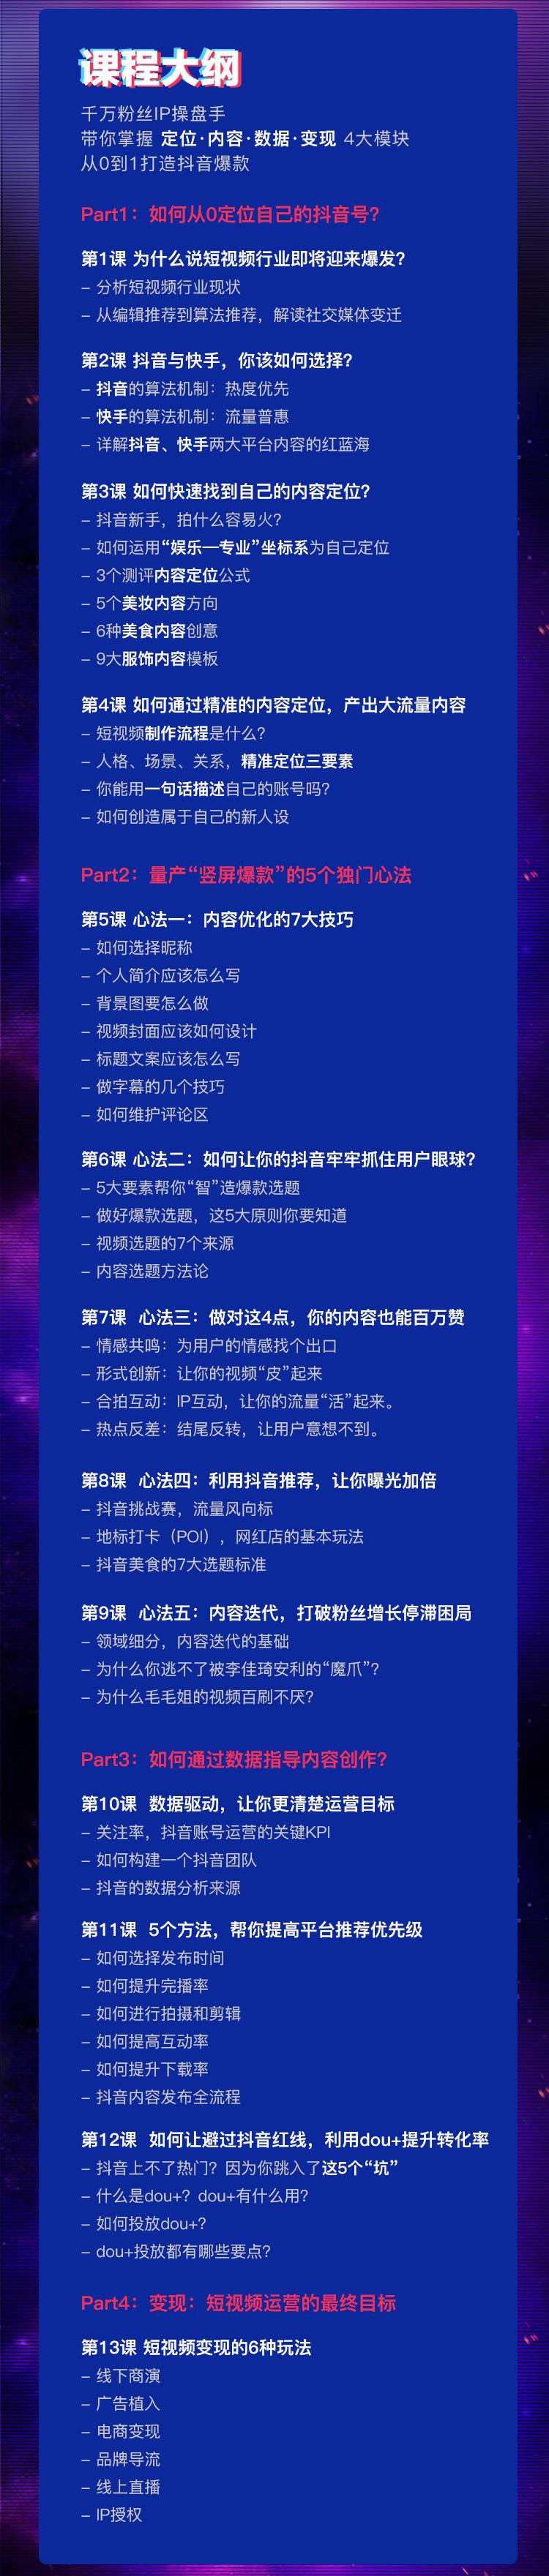 http://mtedu-img.oss-cn-beijing-internal.aliyuncs.com/ueditor/20190529201139_209914.jpg